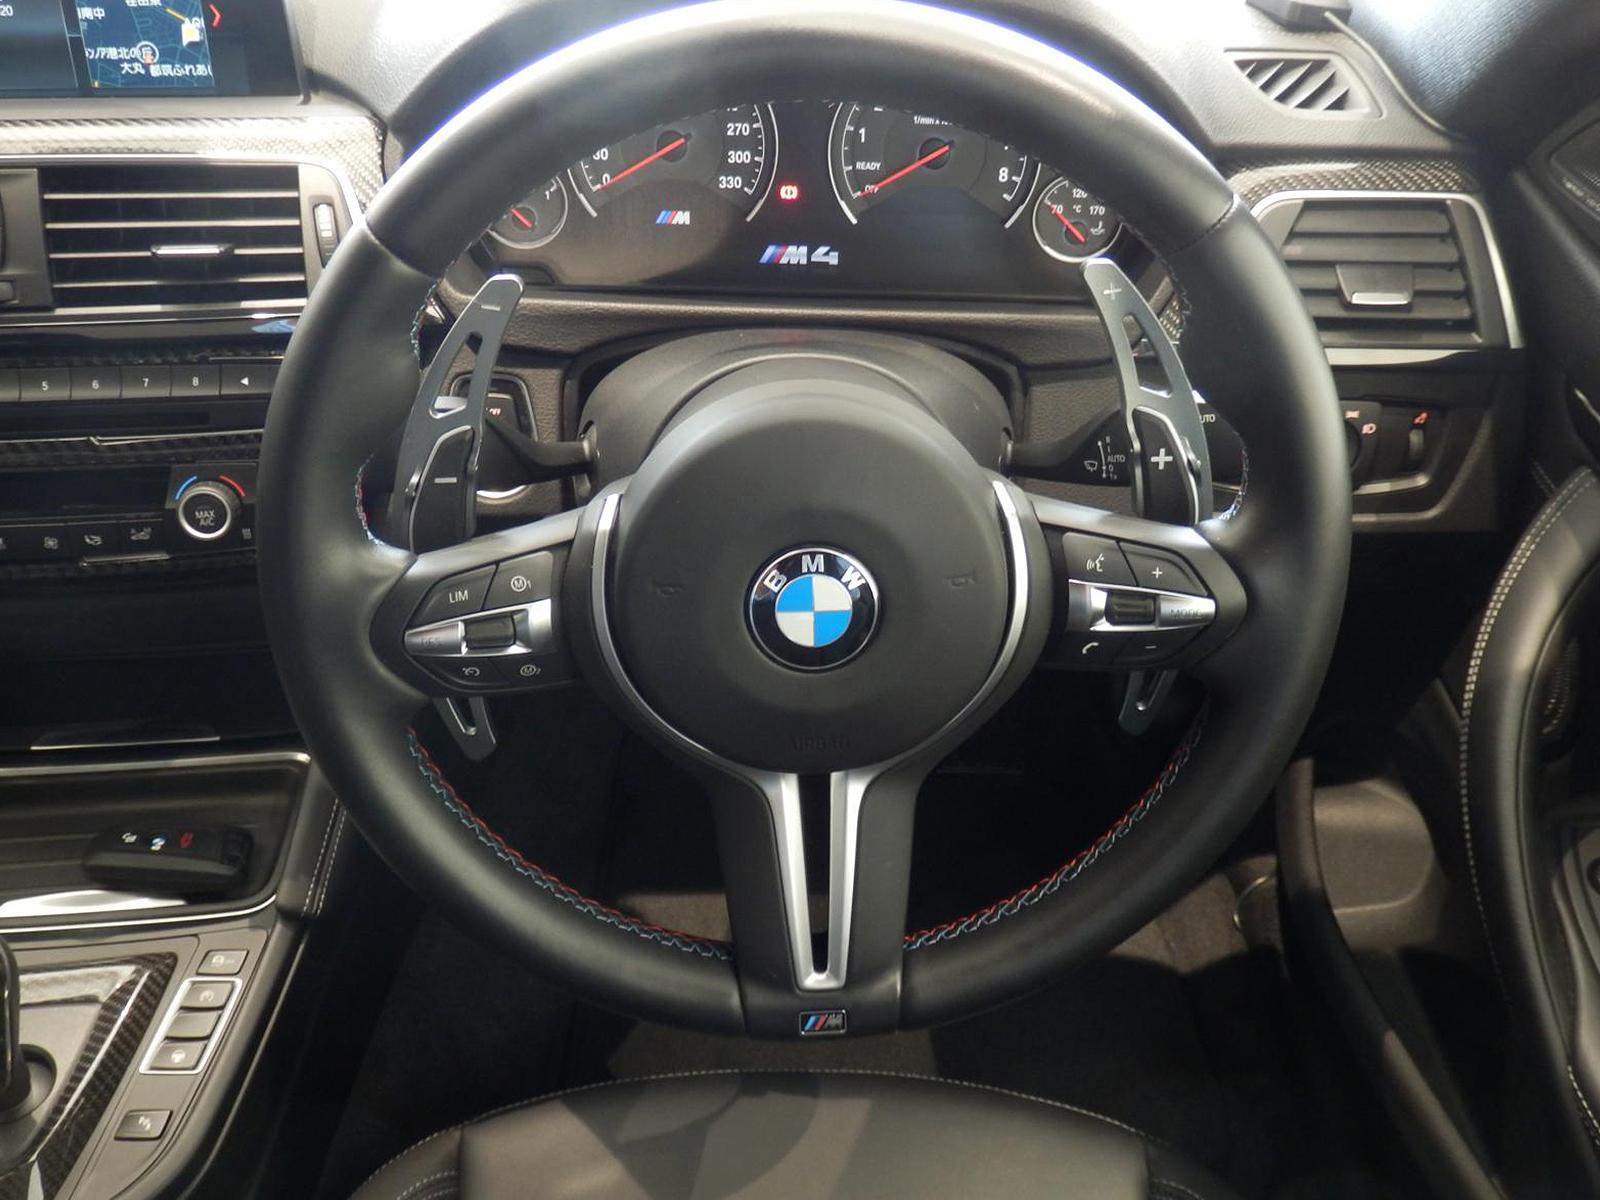 BMW M4 クーペ オースチンイエロー ステアリング